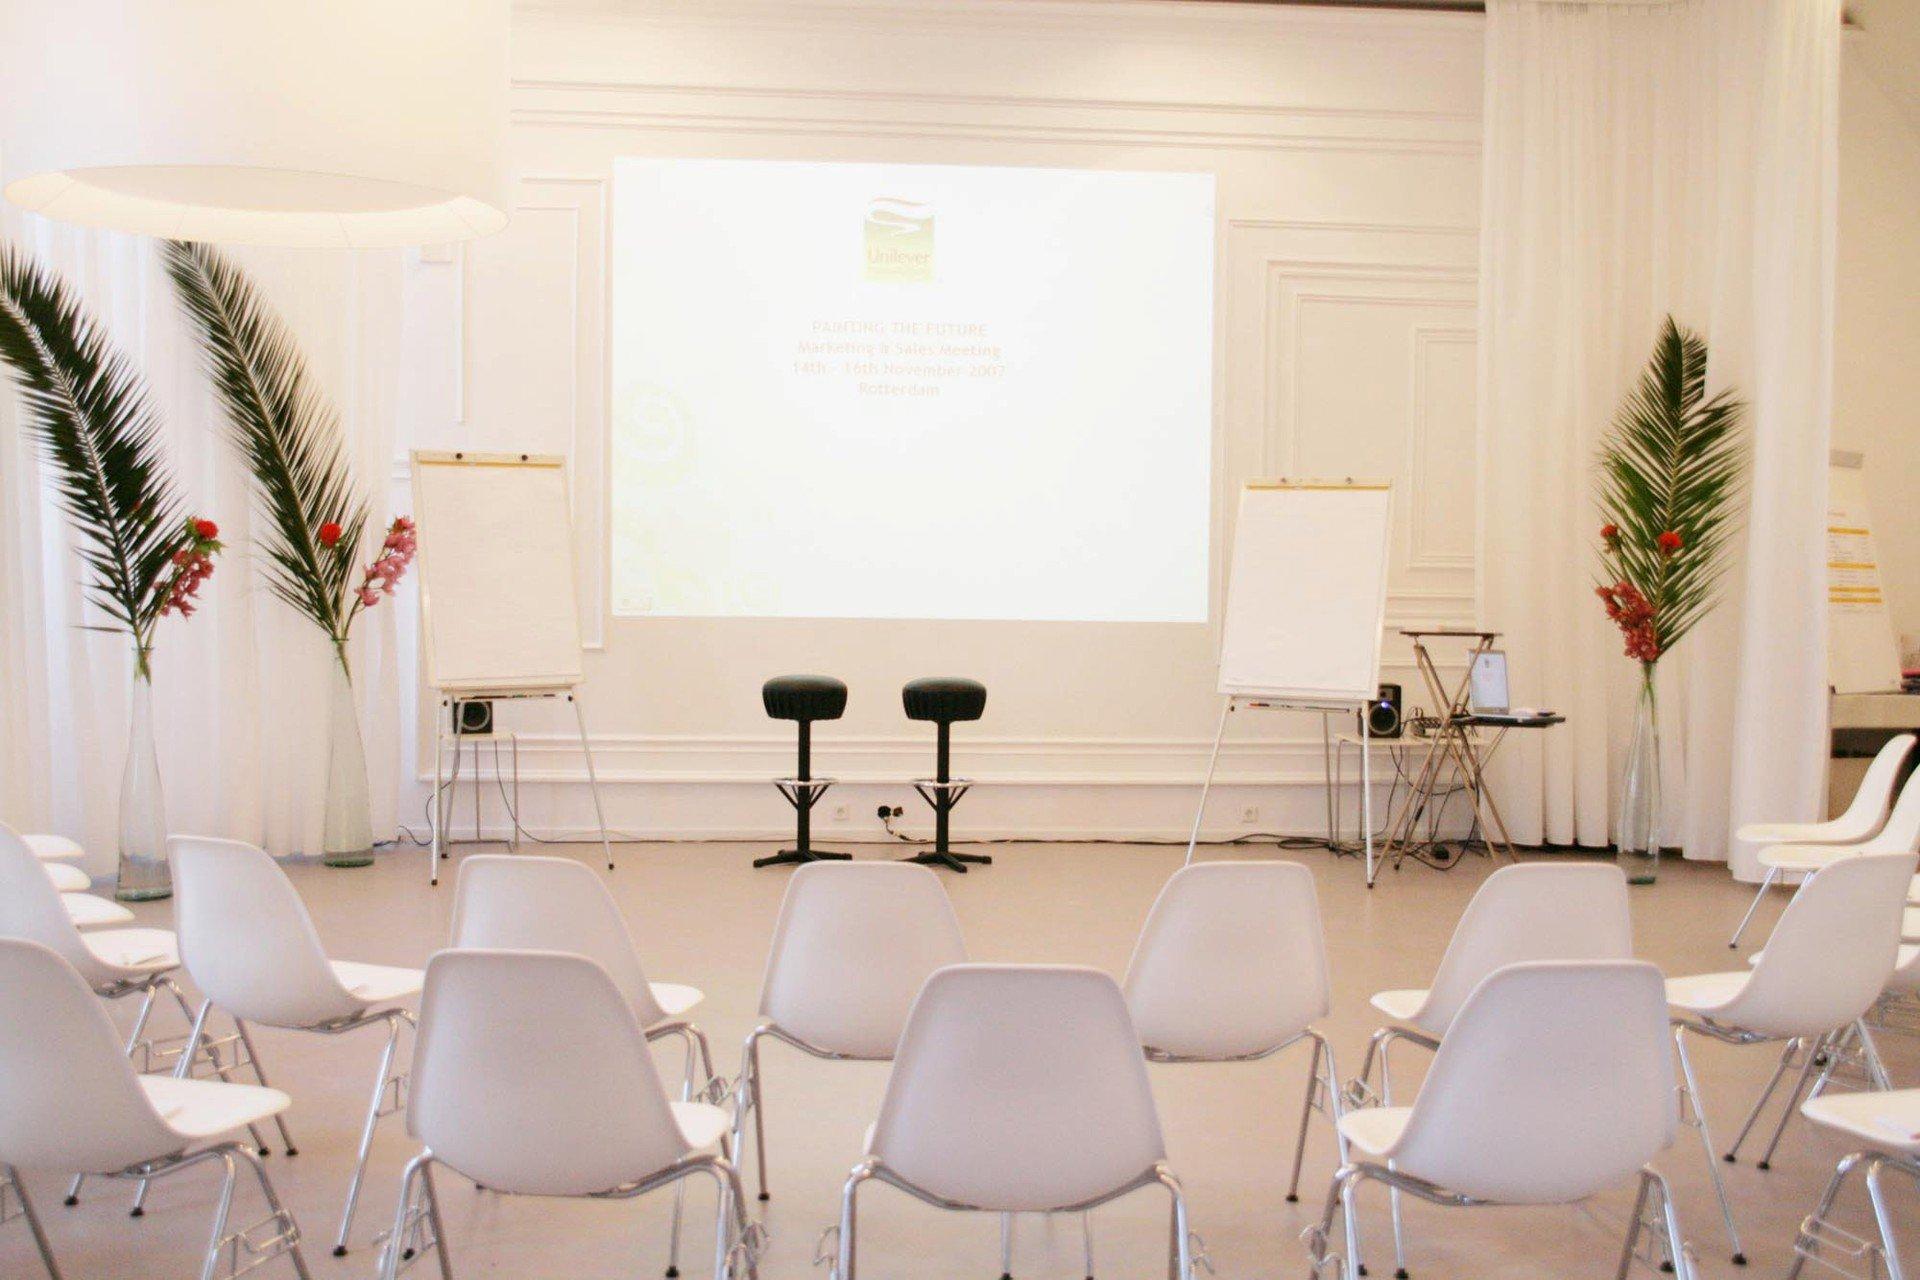 Rotterdam training rooms Historic venue Arminius - Bovenzaal image 2